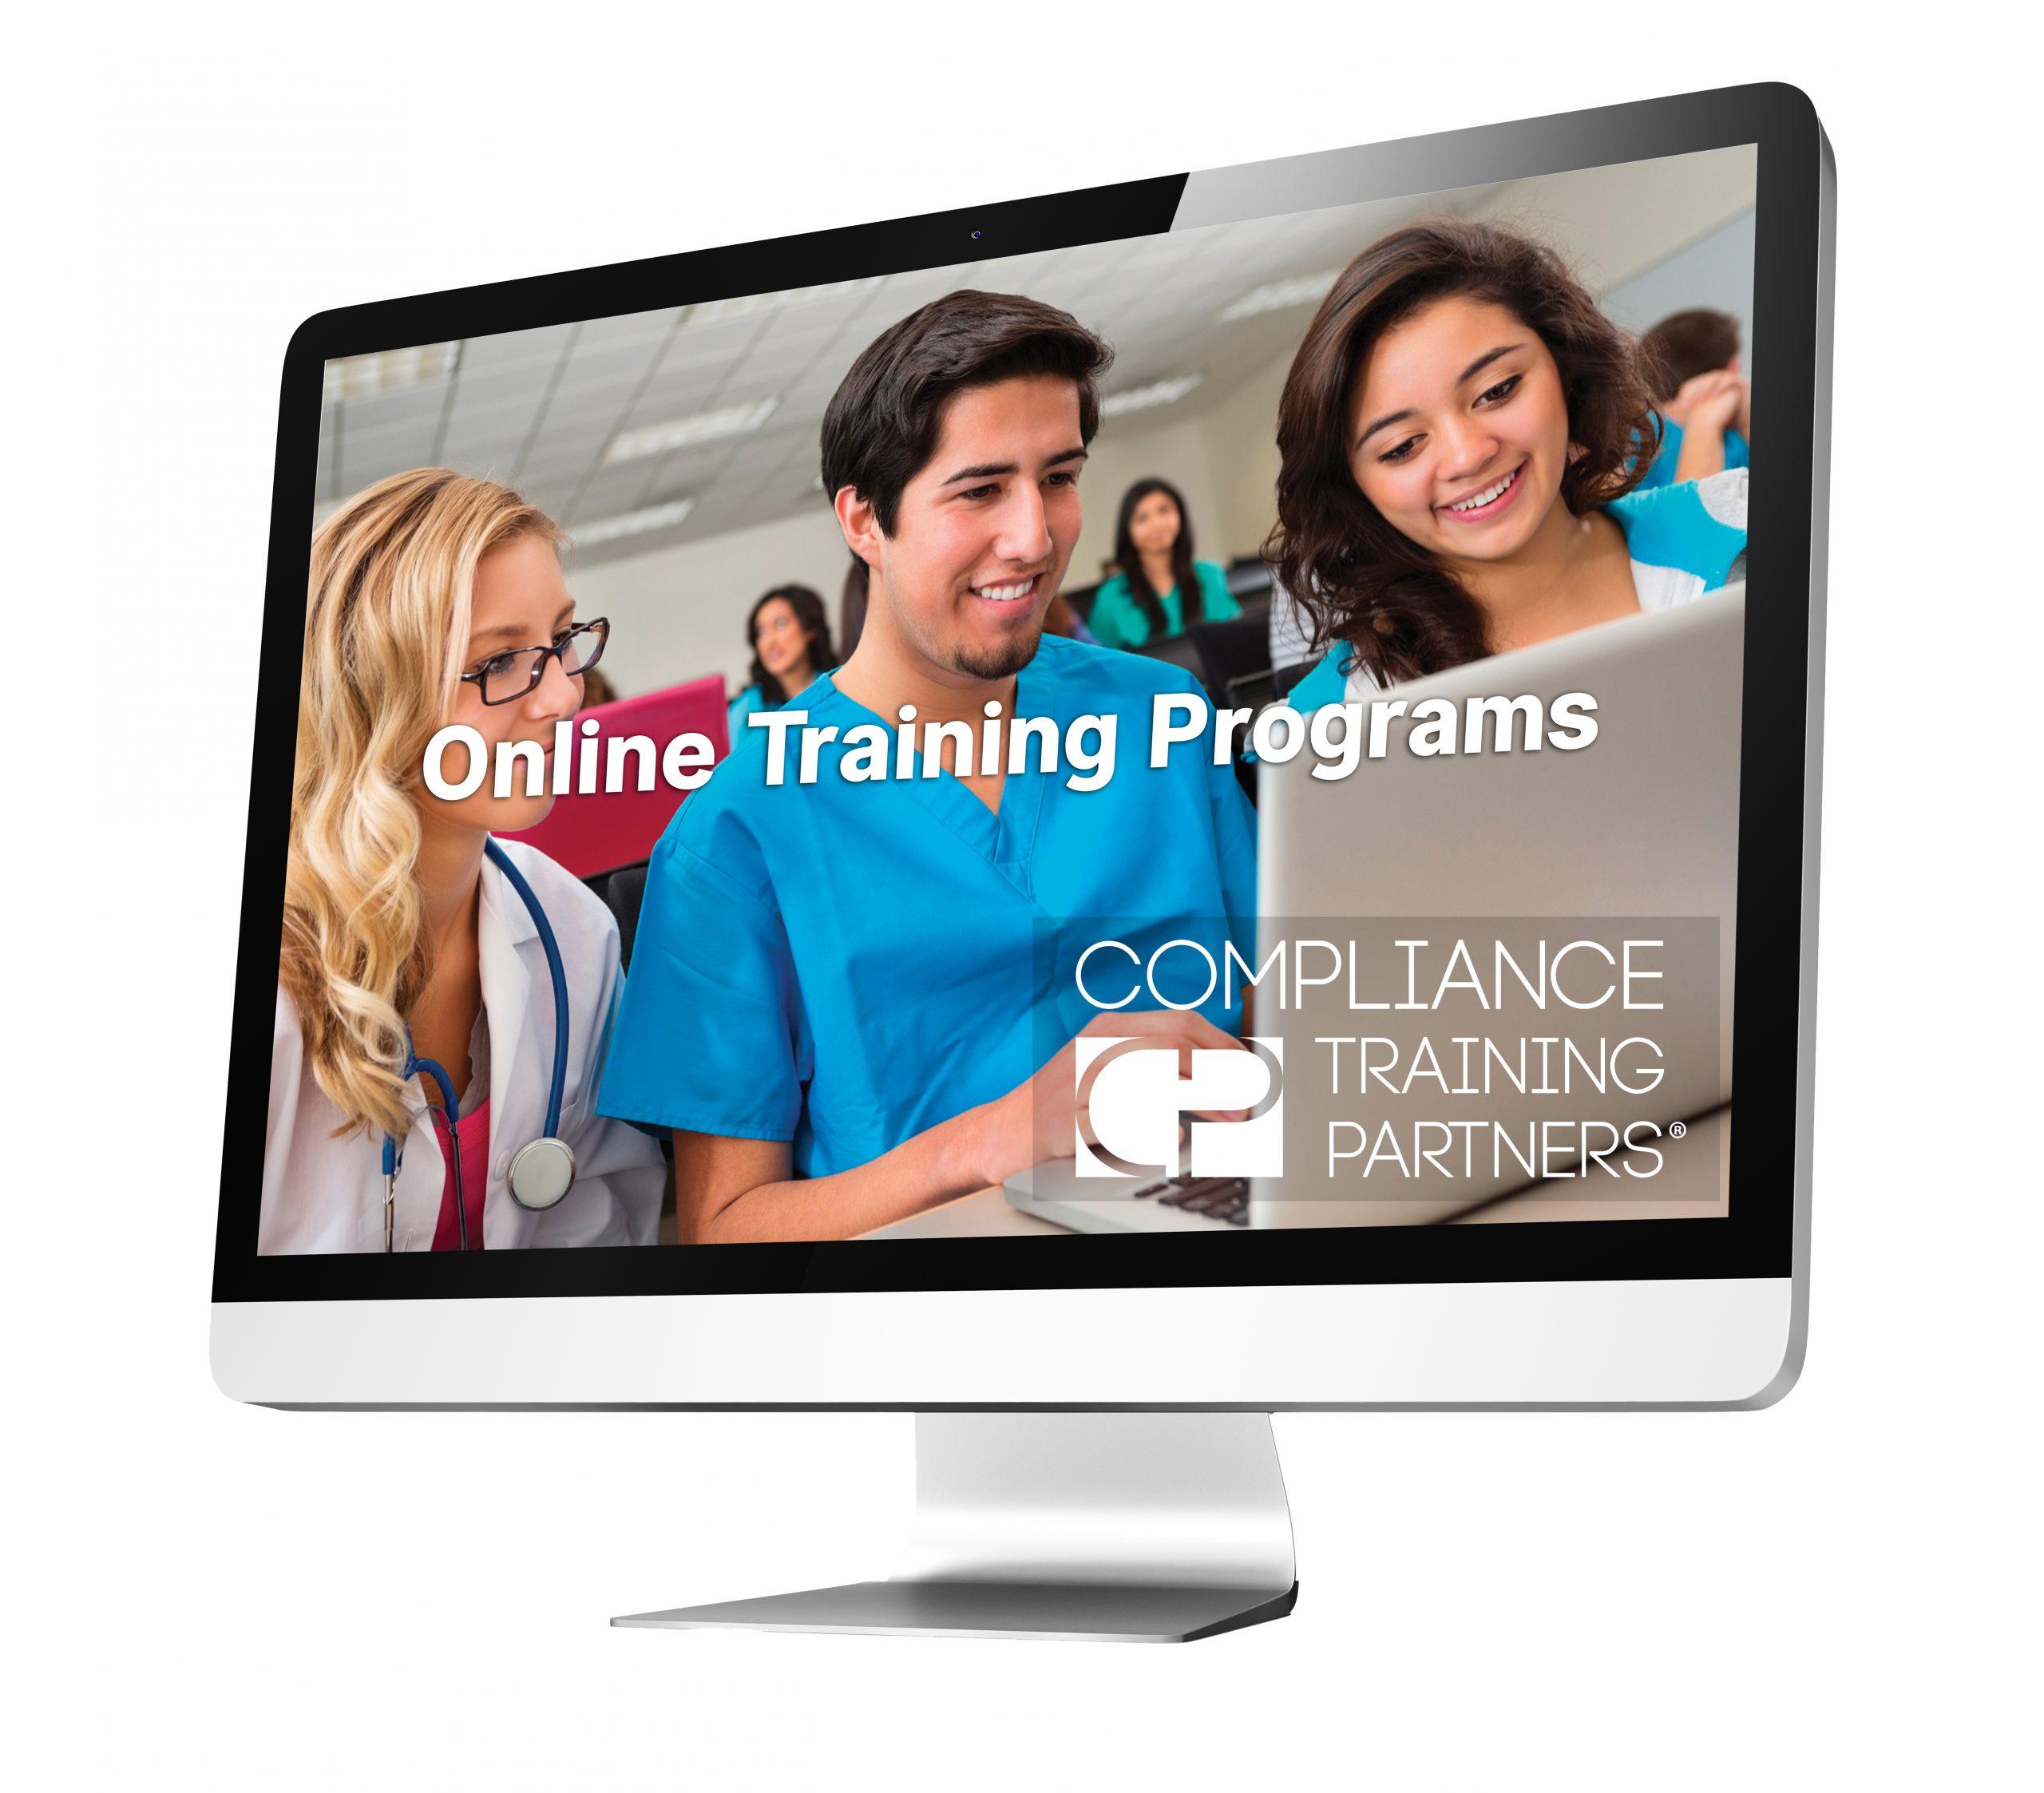 online-training-image-logo